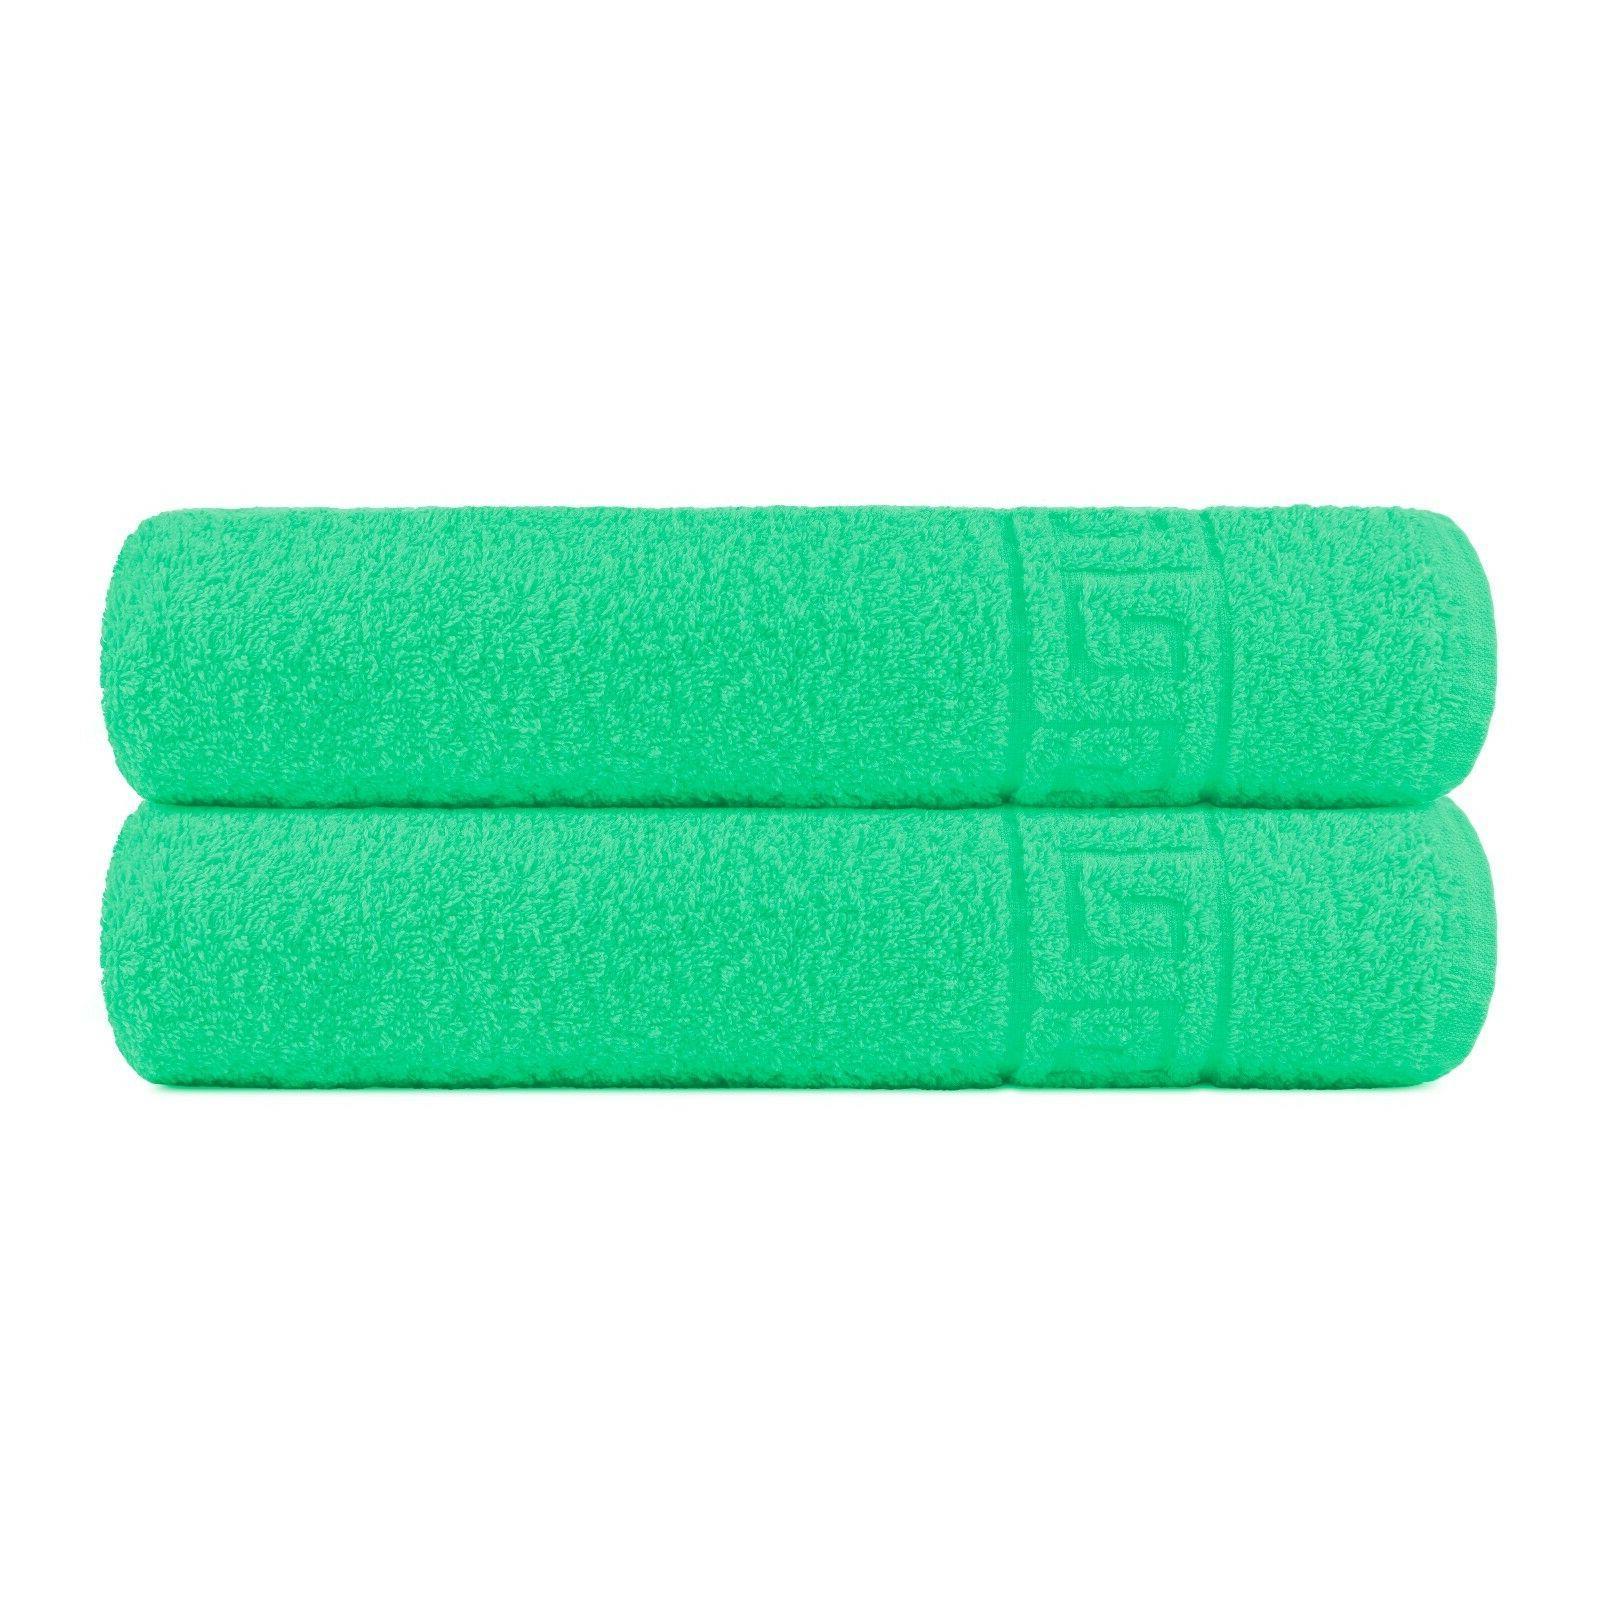 Bath Towels set 2 Bath 2 Towels Gym Cotton